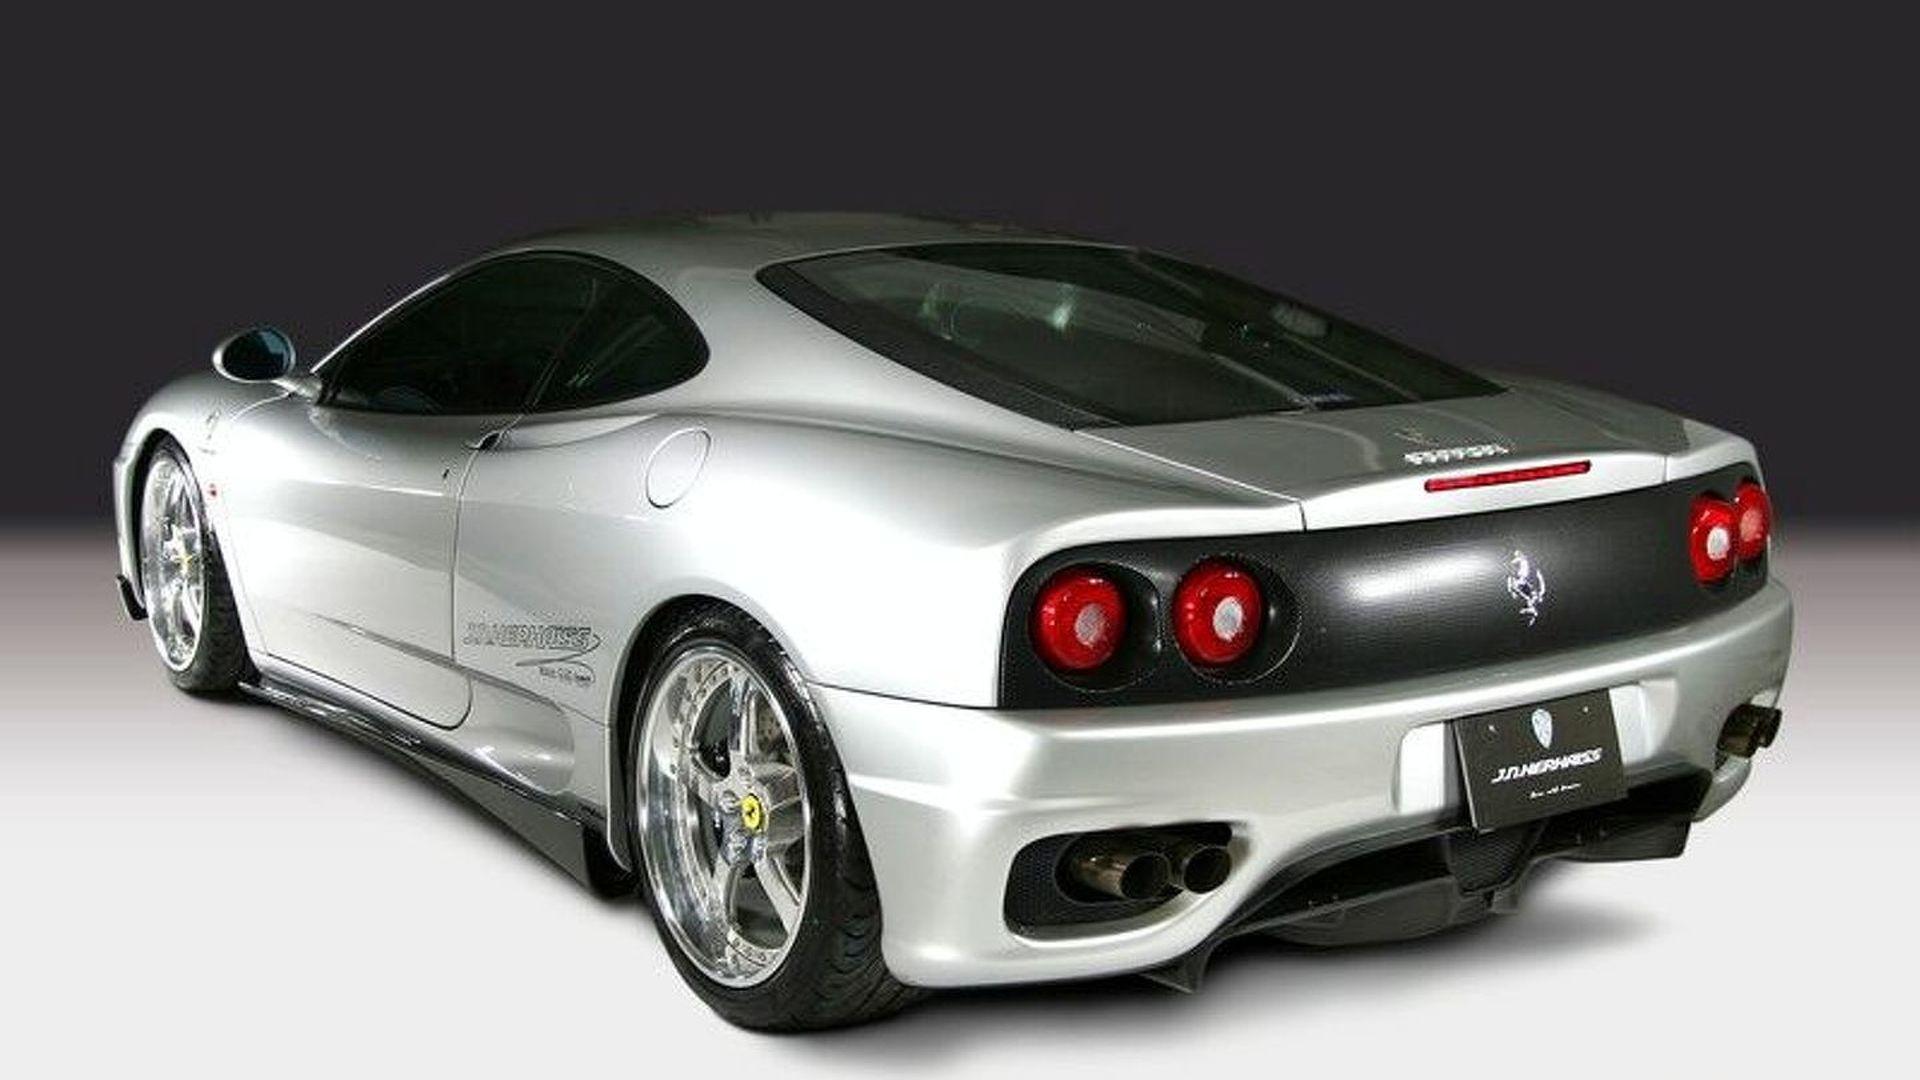 Ferrari 360 Modena JN Hephaiss